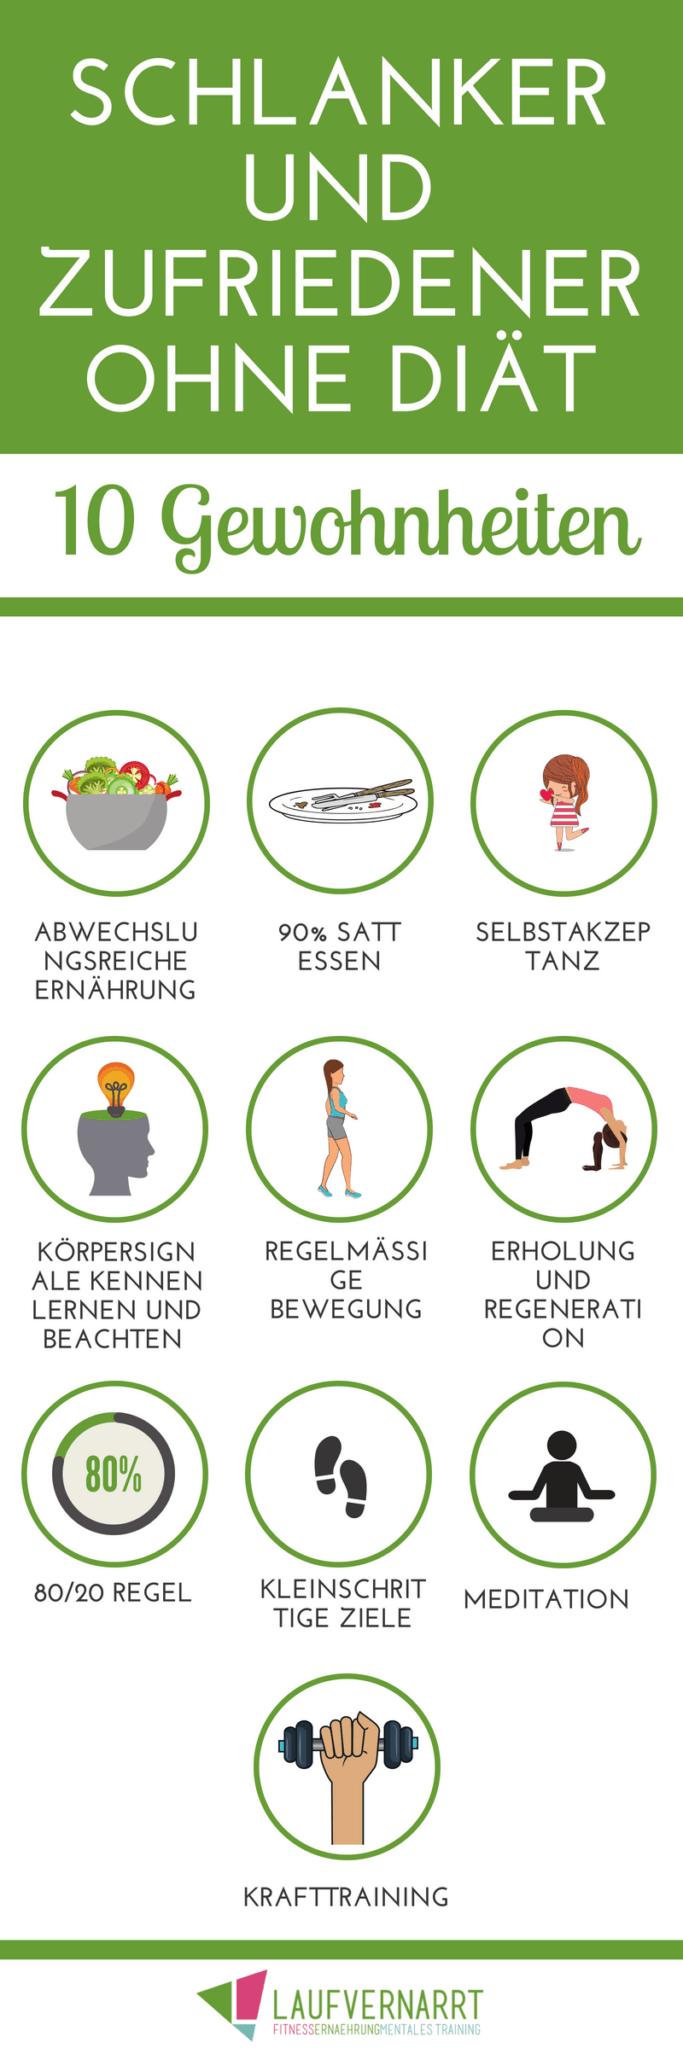 Photo of 10 Gewohnheiten, die schlanker und zufriedener machen – ohne Diät! – Laufvernarrt